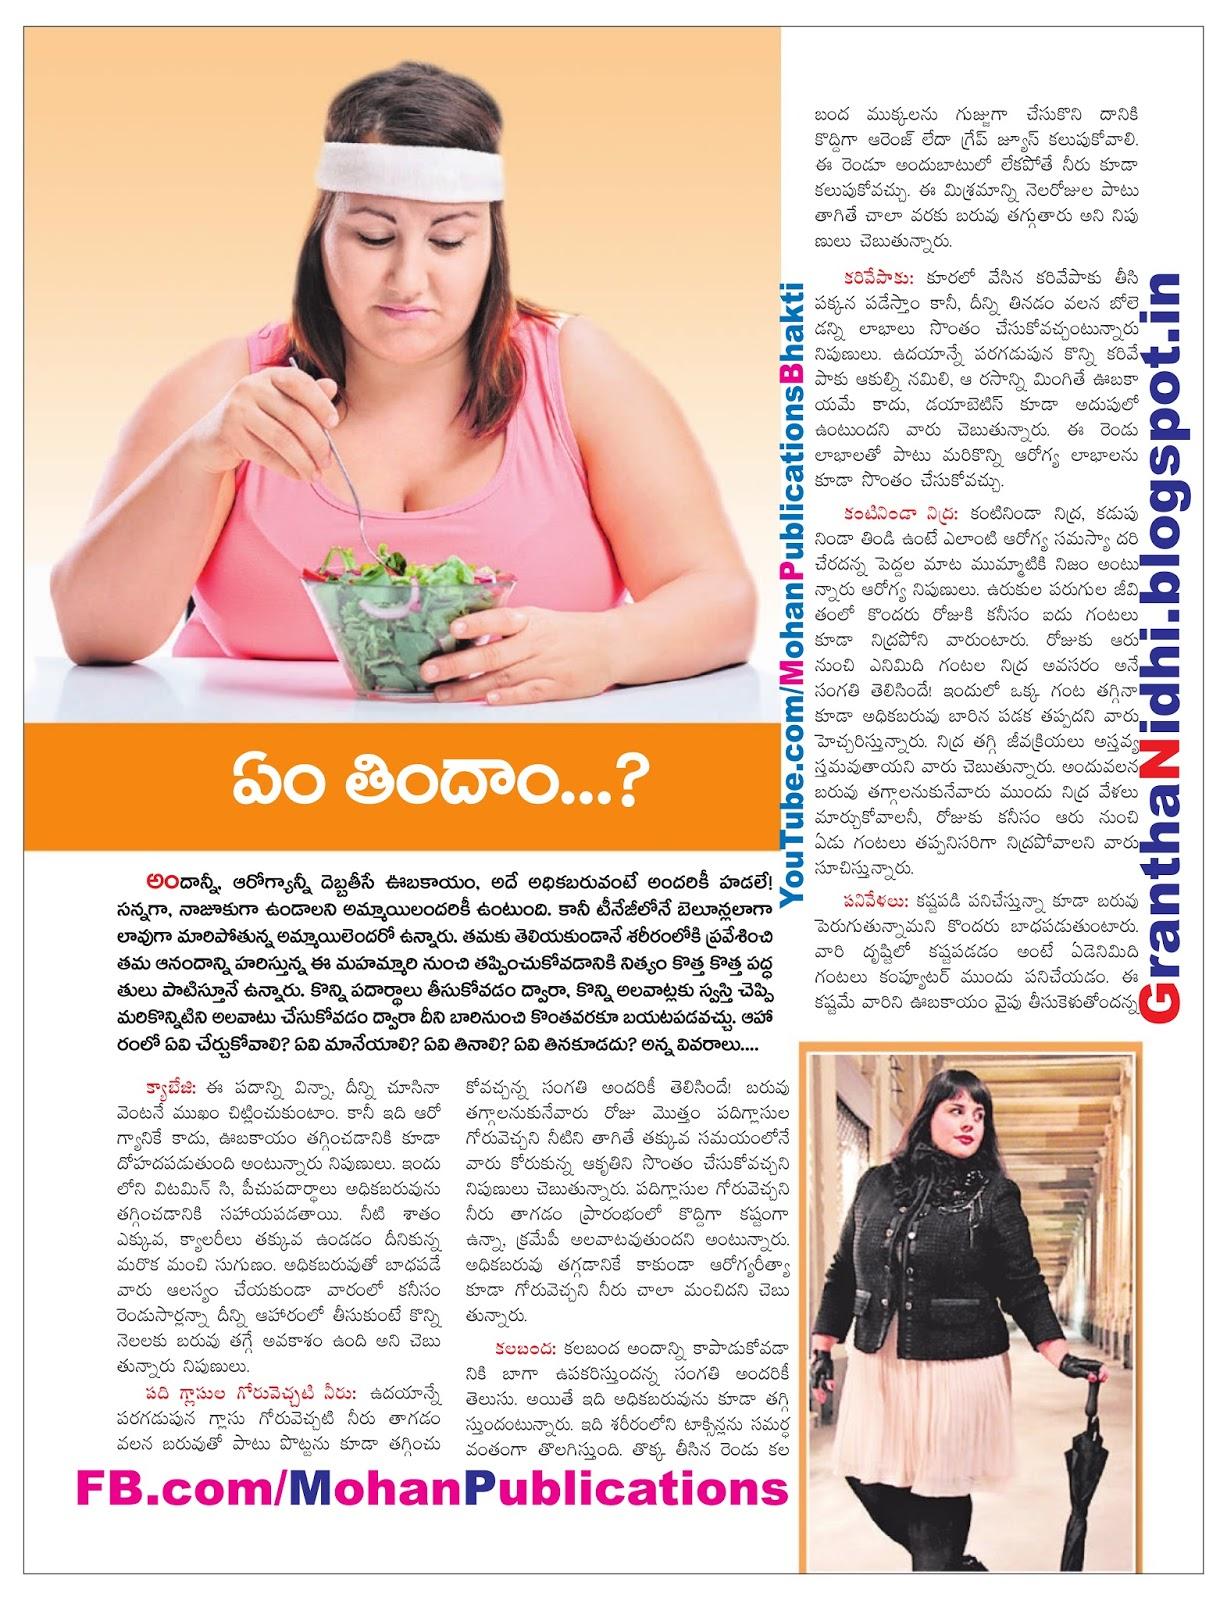 ఏం తిందాం what to eat in obesity Obesity Fatness Fat body Physical Fitness Weight Gain Weight Loss Heavy wieght Andhra Jyothi Epeper Andhra Jyothi Navvya Bhakthi Pustakalu Bhakti Pustakalu   BhakthiPustakalu BhaktiPustakalu